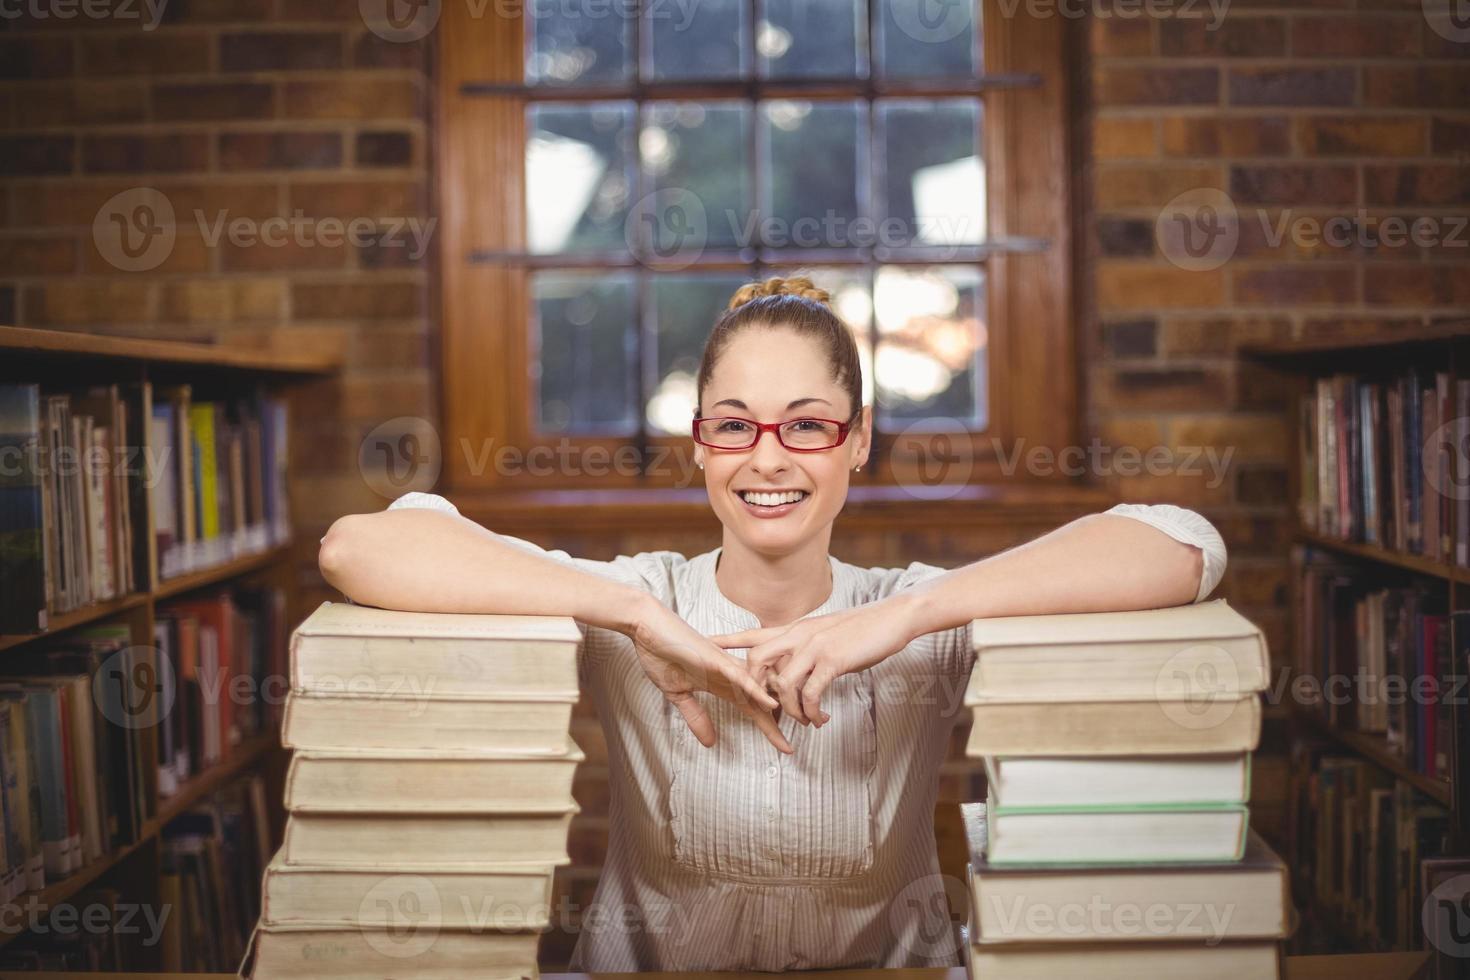 professeur blonde debout entre des livres dans la bibliothèque photo